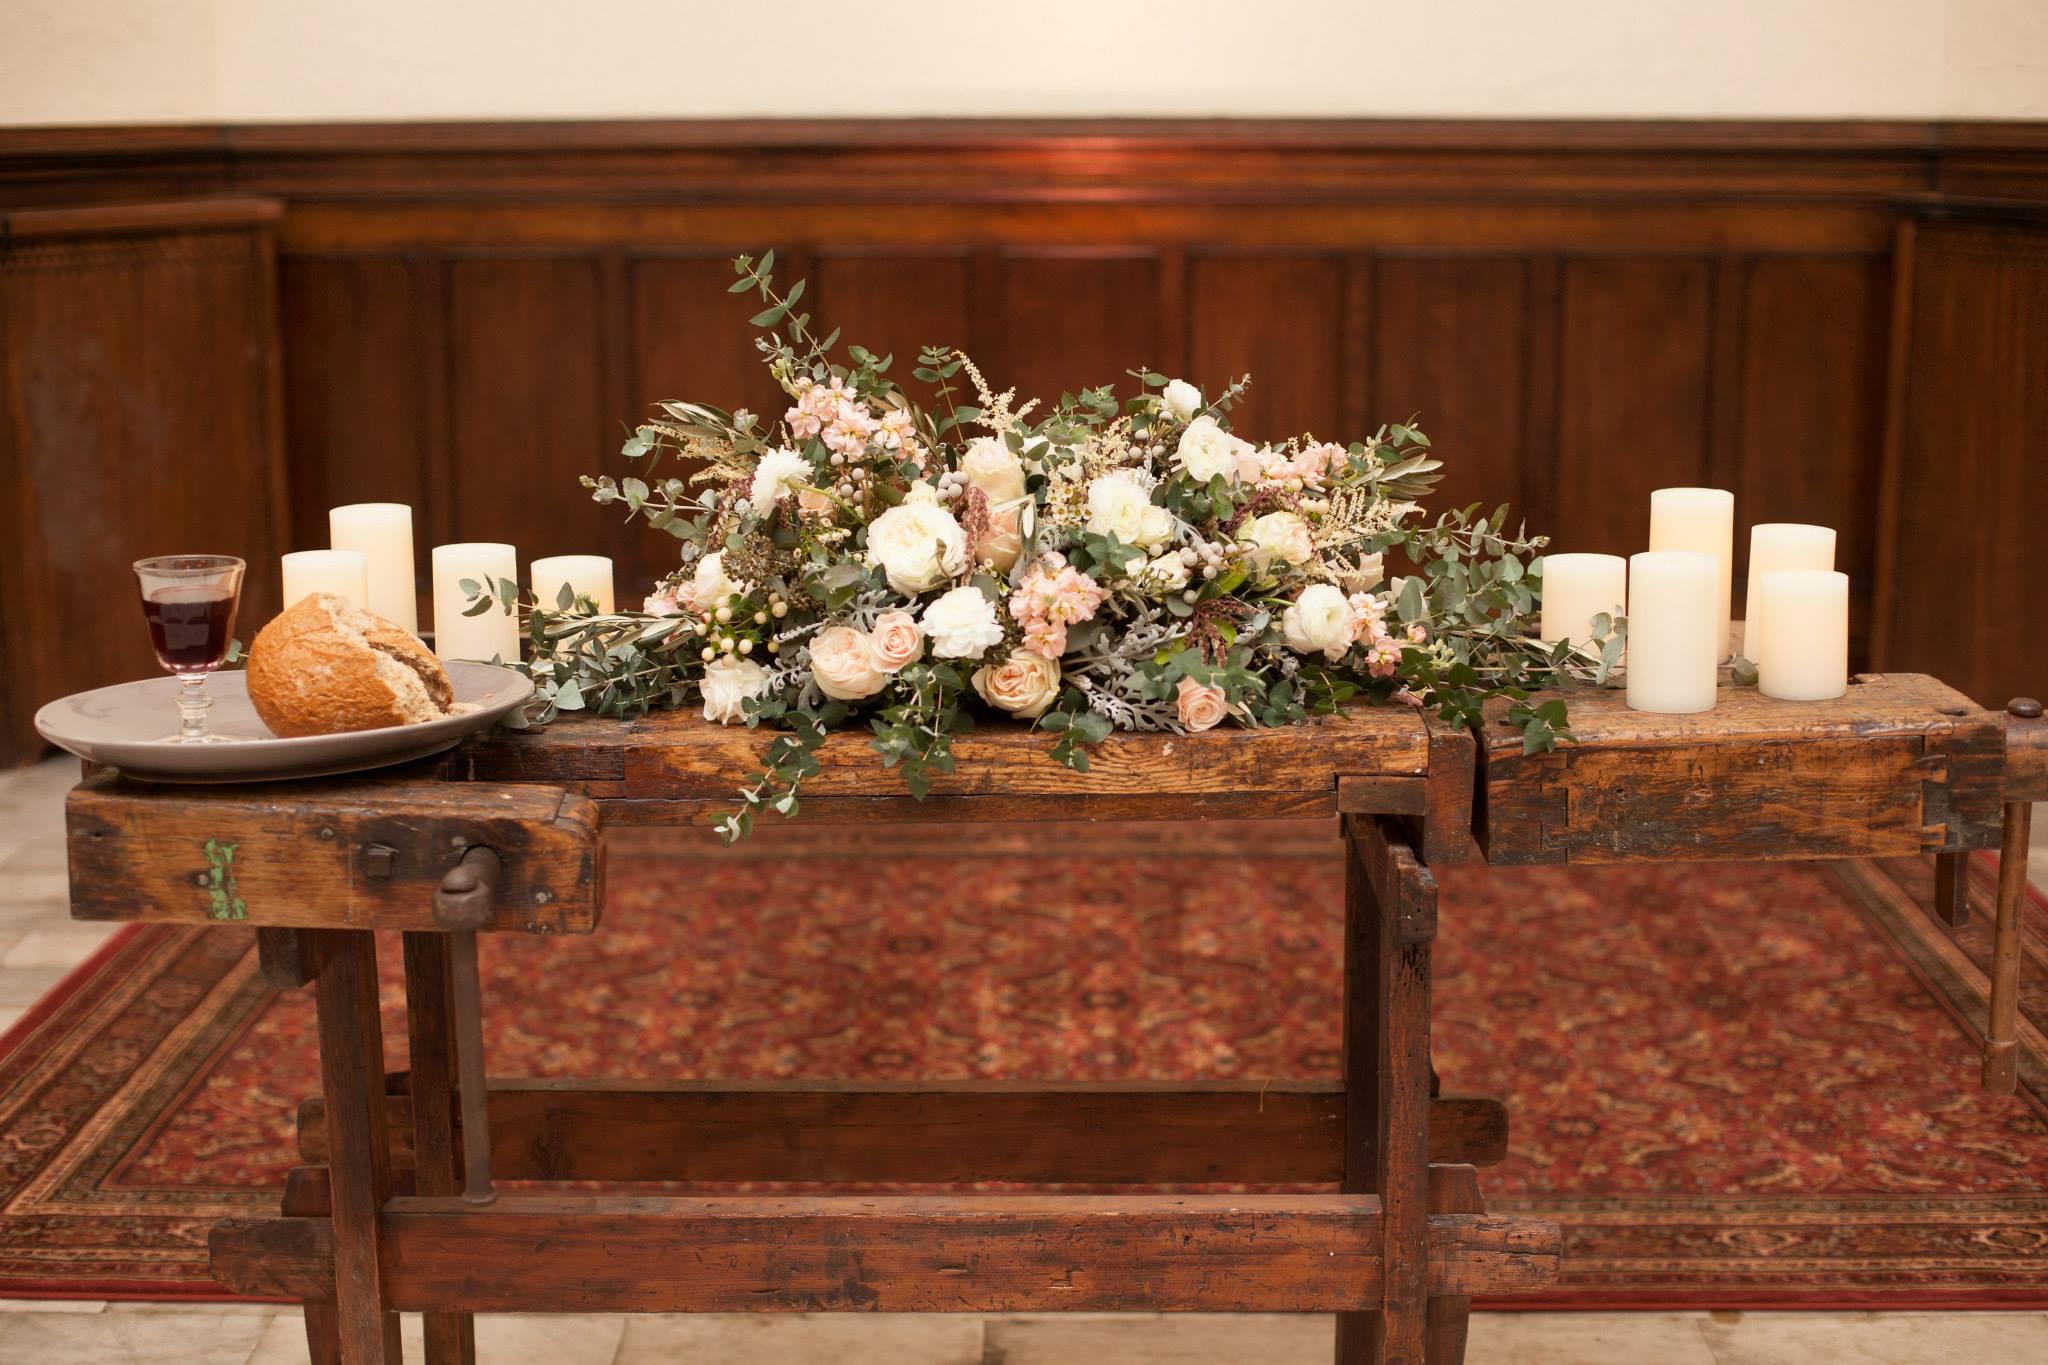 Nashville Wedding Floral Design // Altar arrangement at the Village Chapel